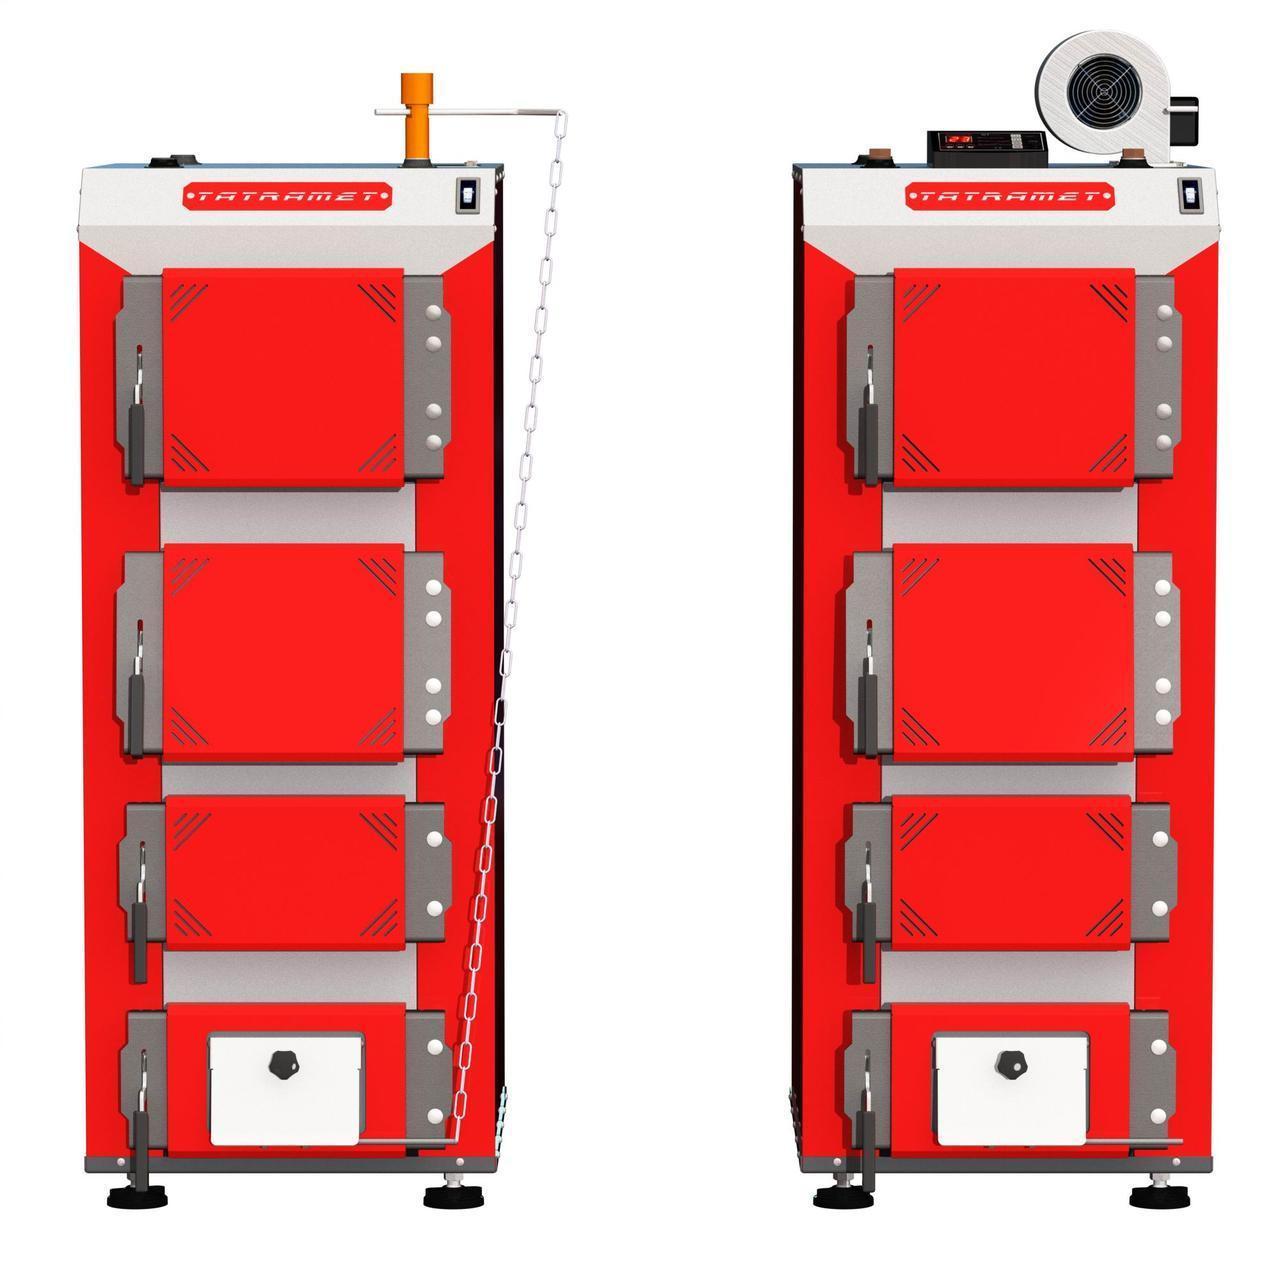 Твердотопливный котел с ручной загрузкой топлива TATRAMET SPARTAK Classic (ТАТРАМЕТ СПАРТАК КЛАССИК) 27 кВт